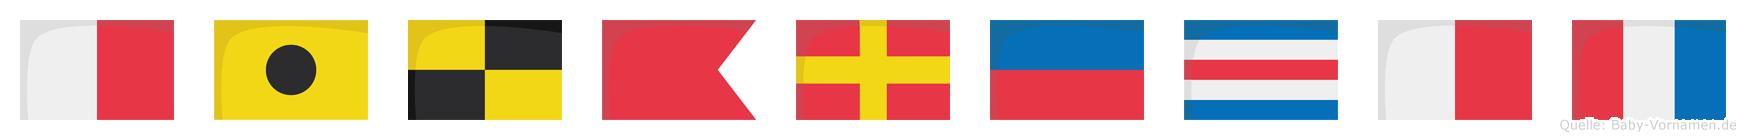 Hilbrecht im Flaggenalphabet